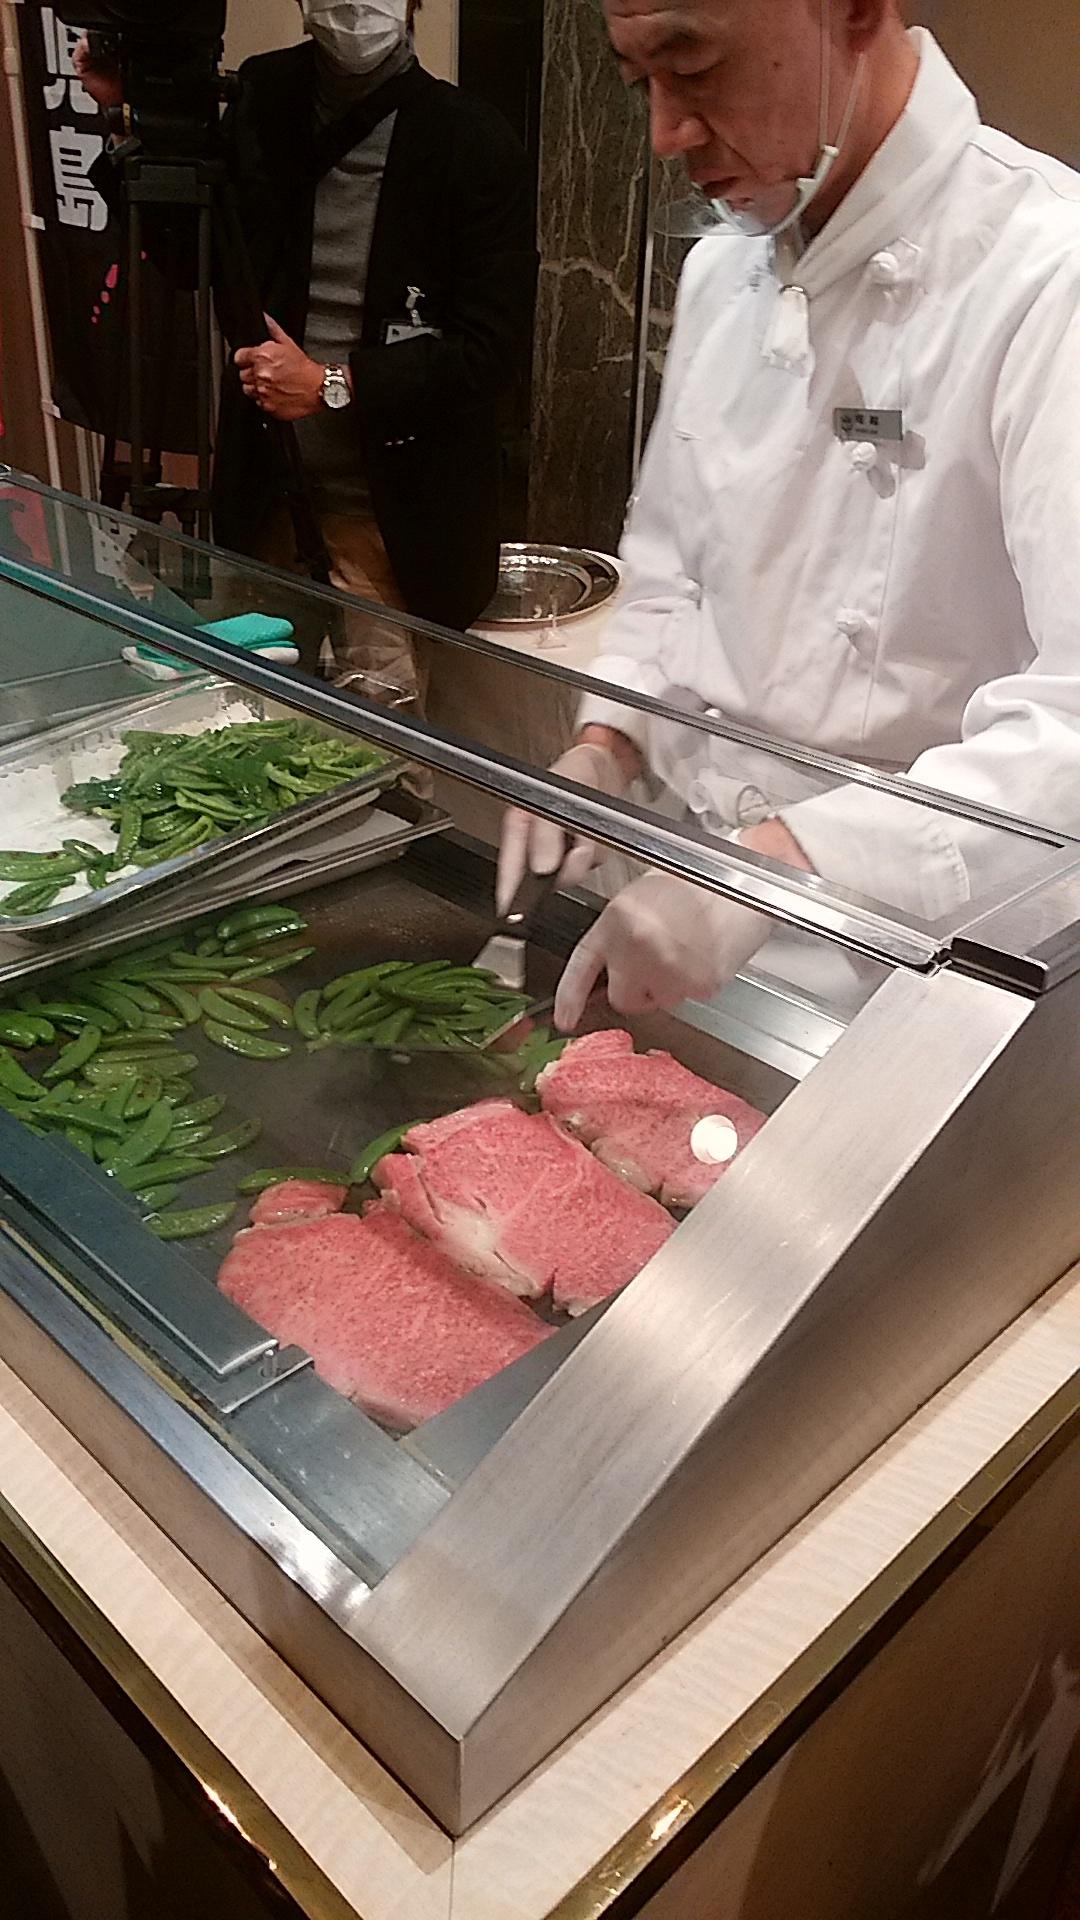 黒毛和牛日本一の畜産県鹿児島のA5クラスのステーキは美味しかった。